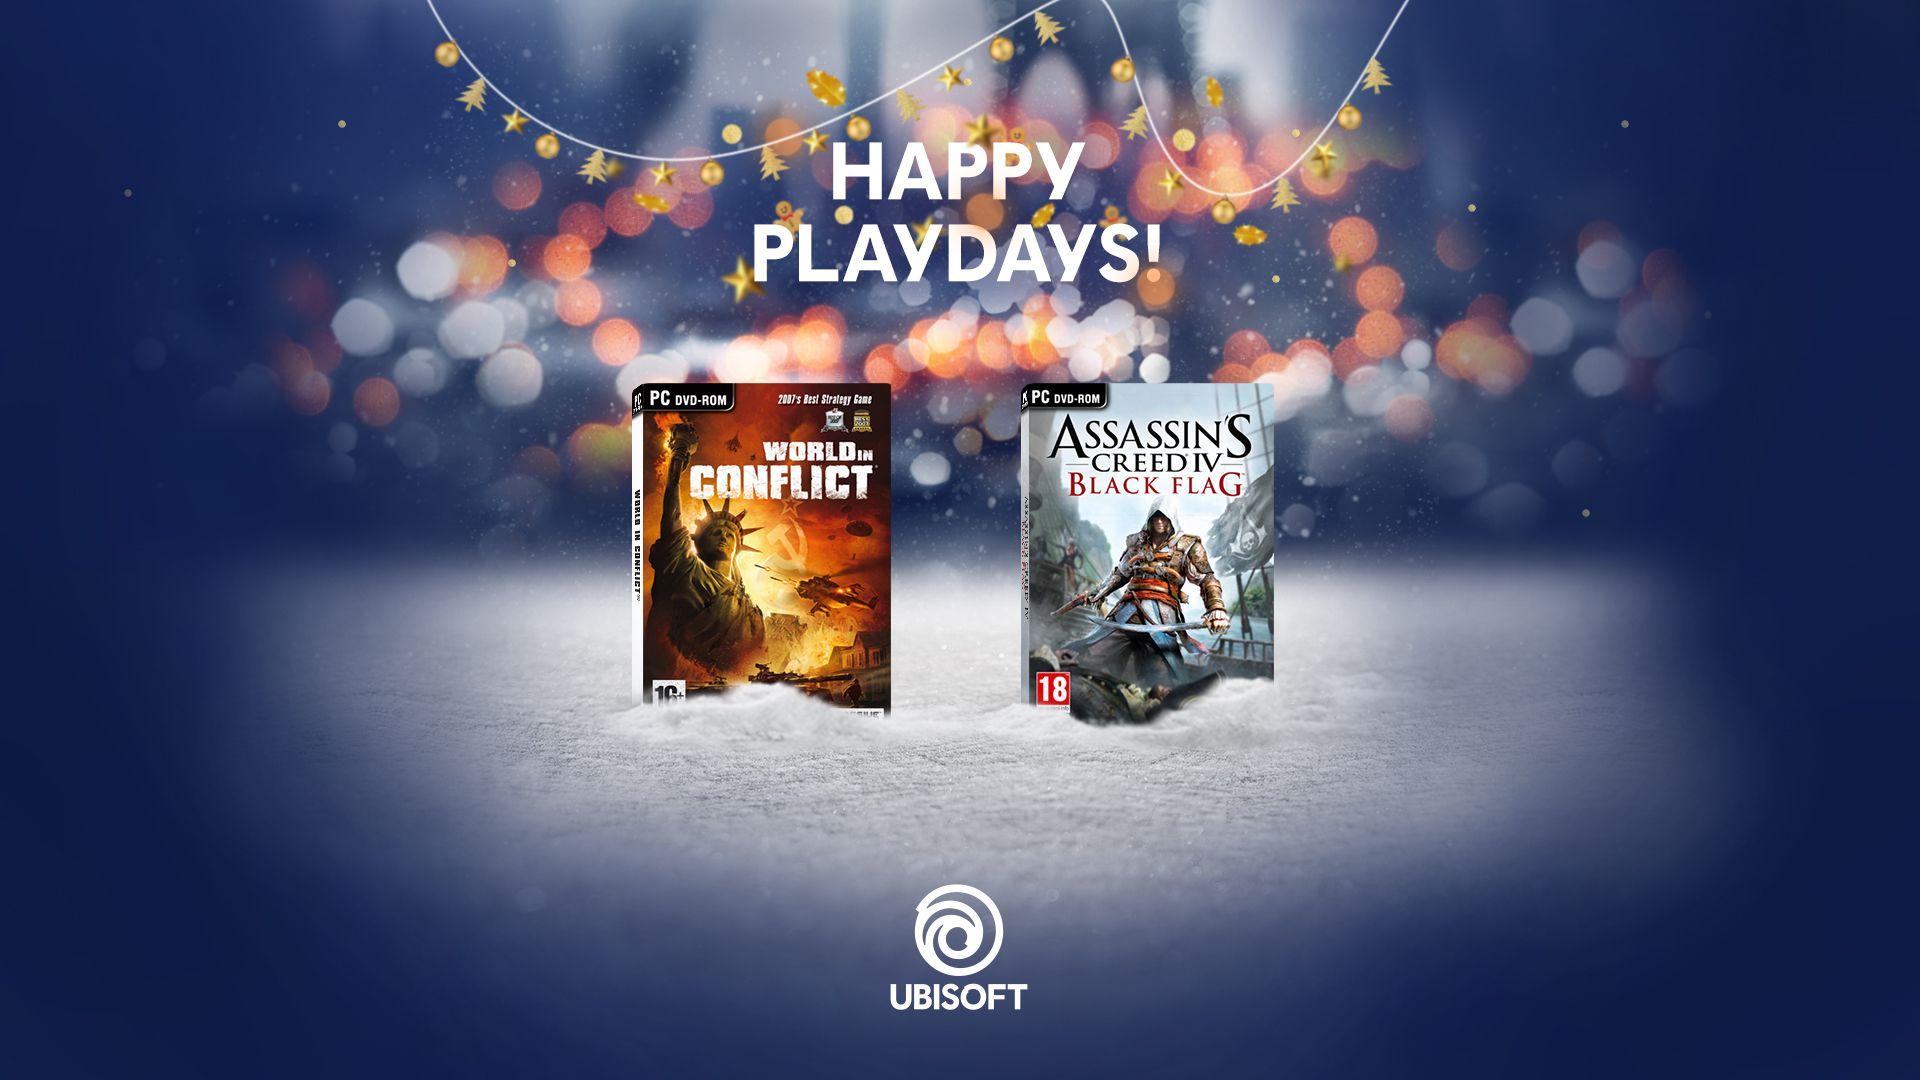 Happy Playdays